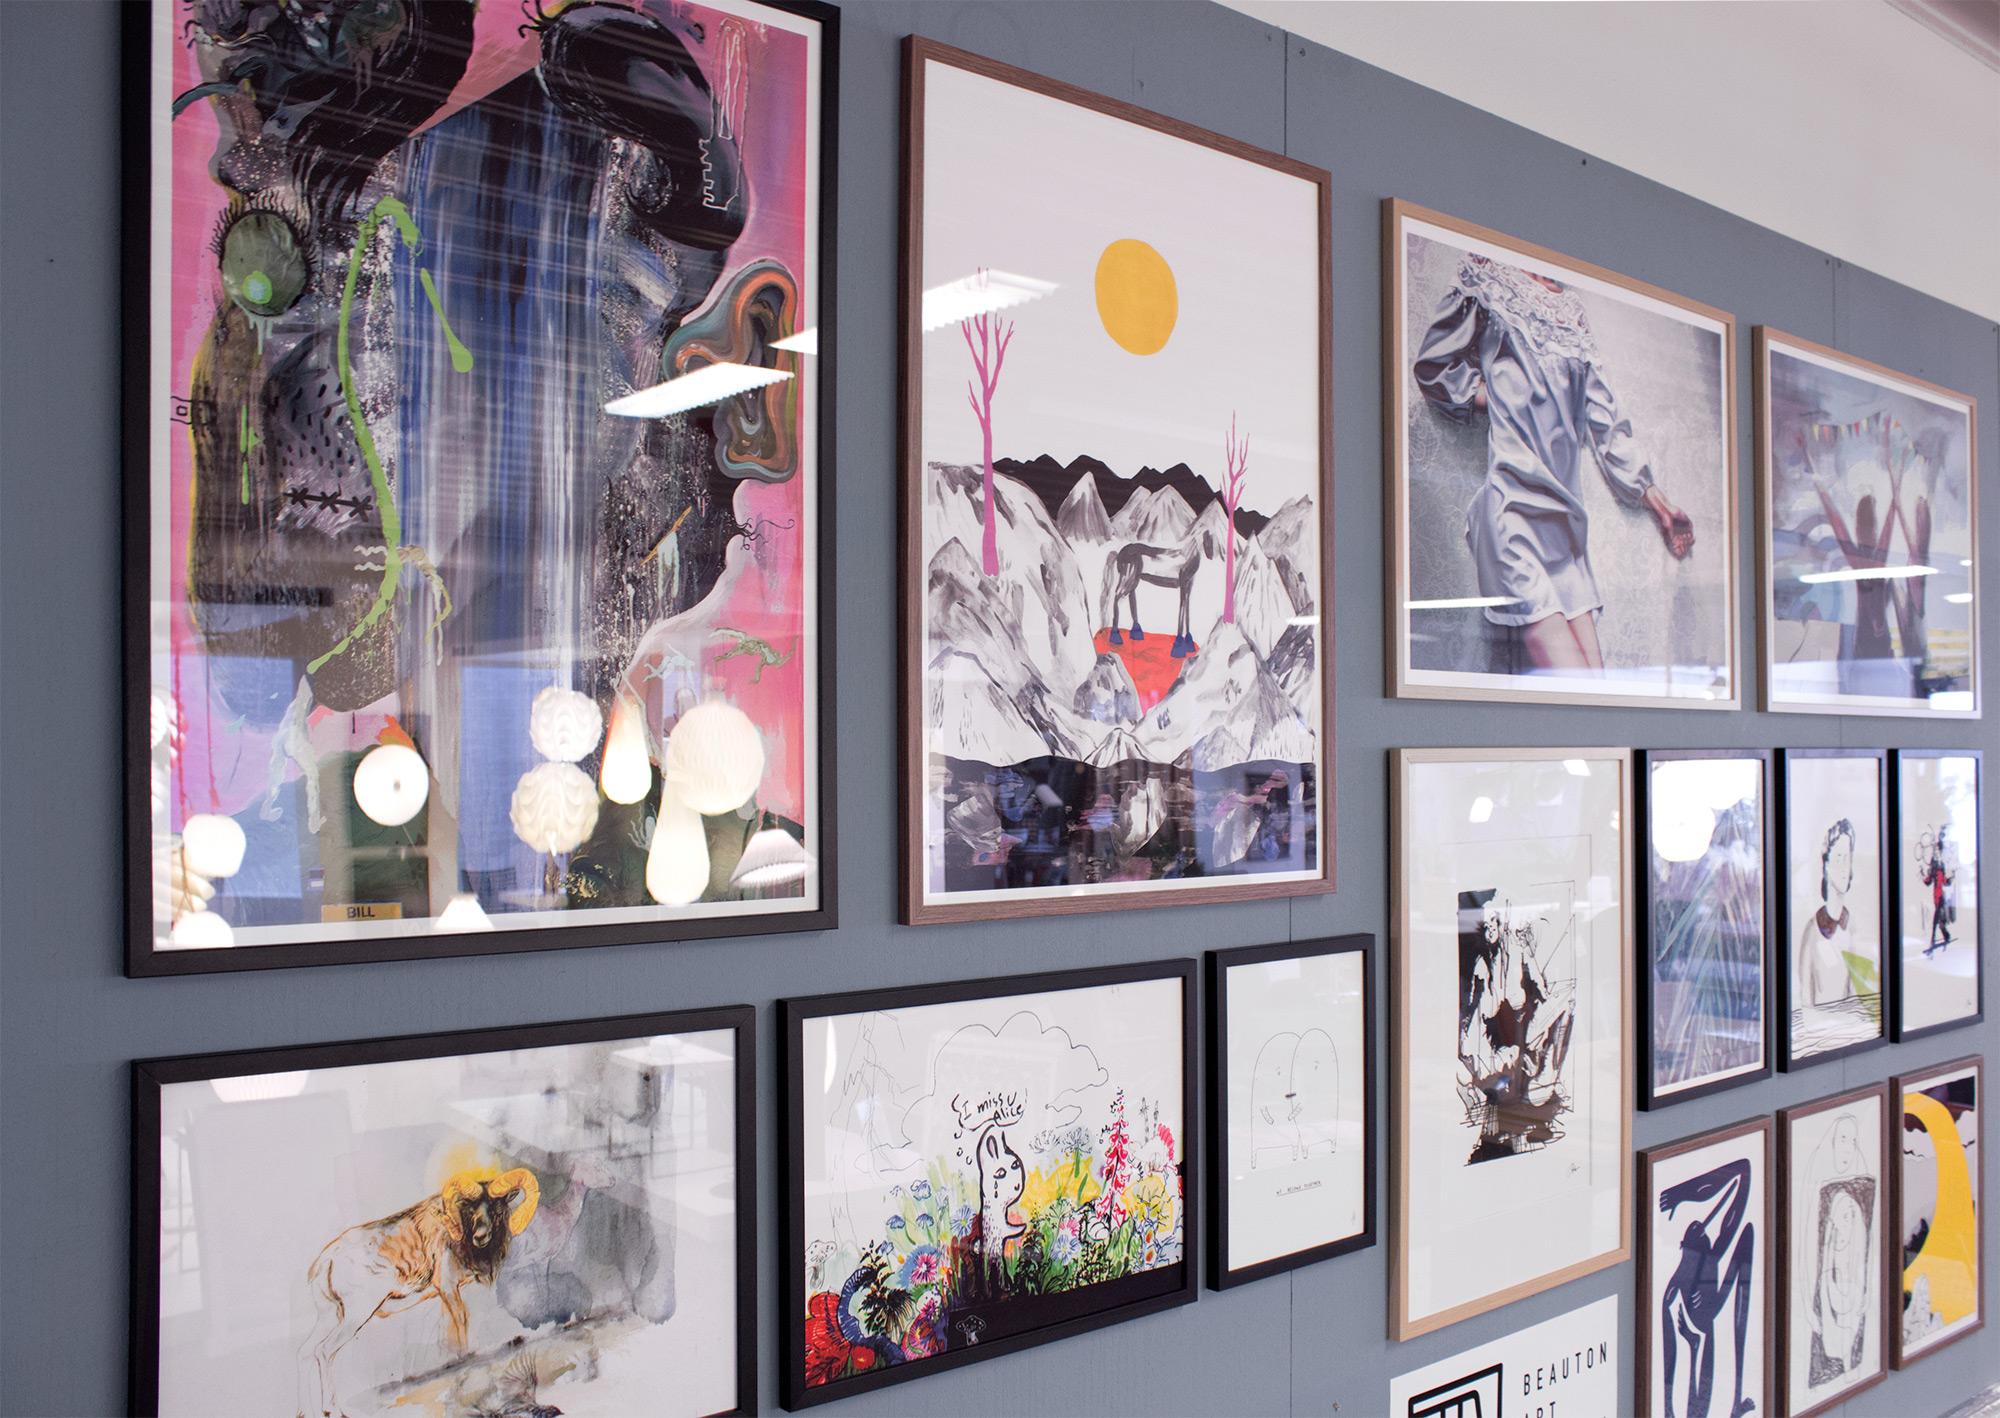 plakater-posters-kunsttryk, giclee-tryk, børnevenlige, illustrative, minimalistiske, børn, stemninger, mennesker, sorte, hvide, papir, sort-hvide, sød, dansk, design, interiør, bolig-indretning, kærlighed, moderne, moderne-kunst, nordisk, plakater, tryk, skandinavisk, Køb original kunst og kunstplakater. Malerier, tegninger, limited edition kunsttryk & plakater af dygtige kunstnere.